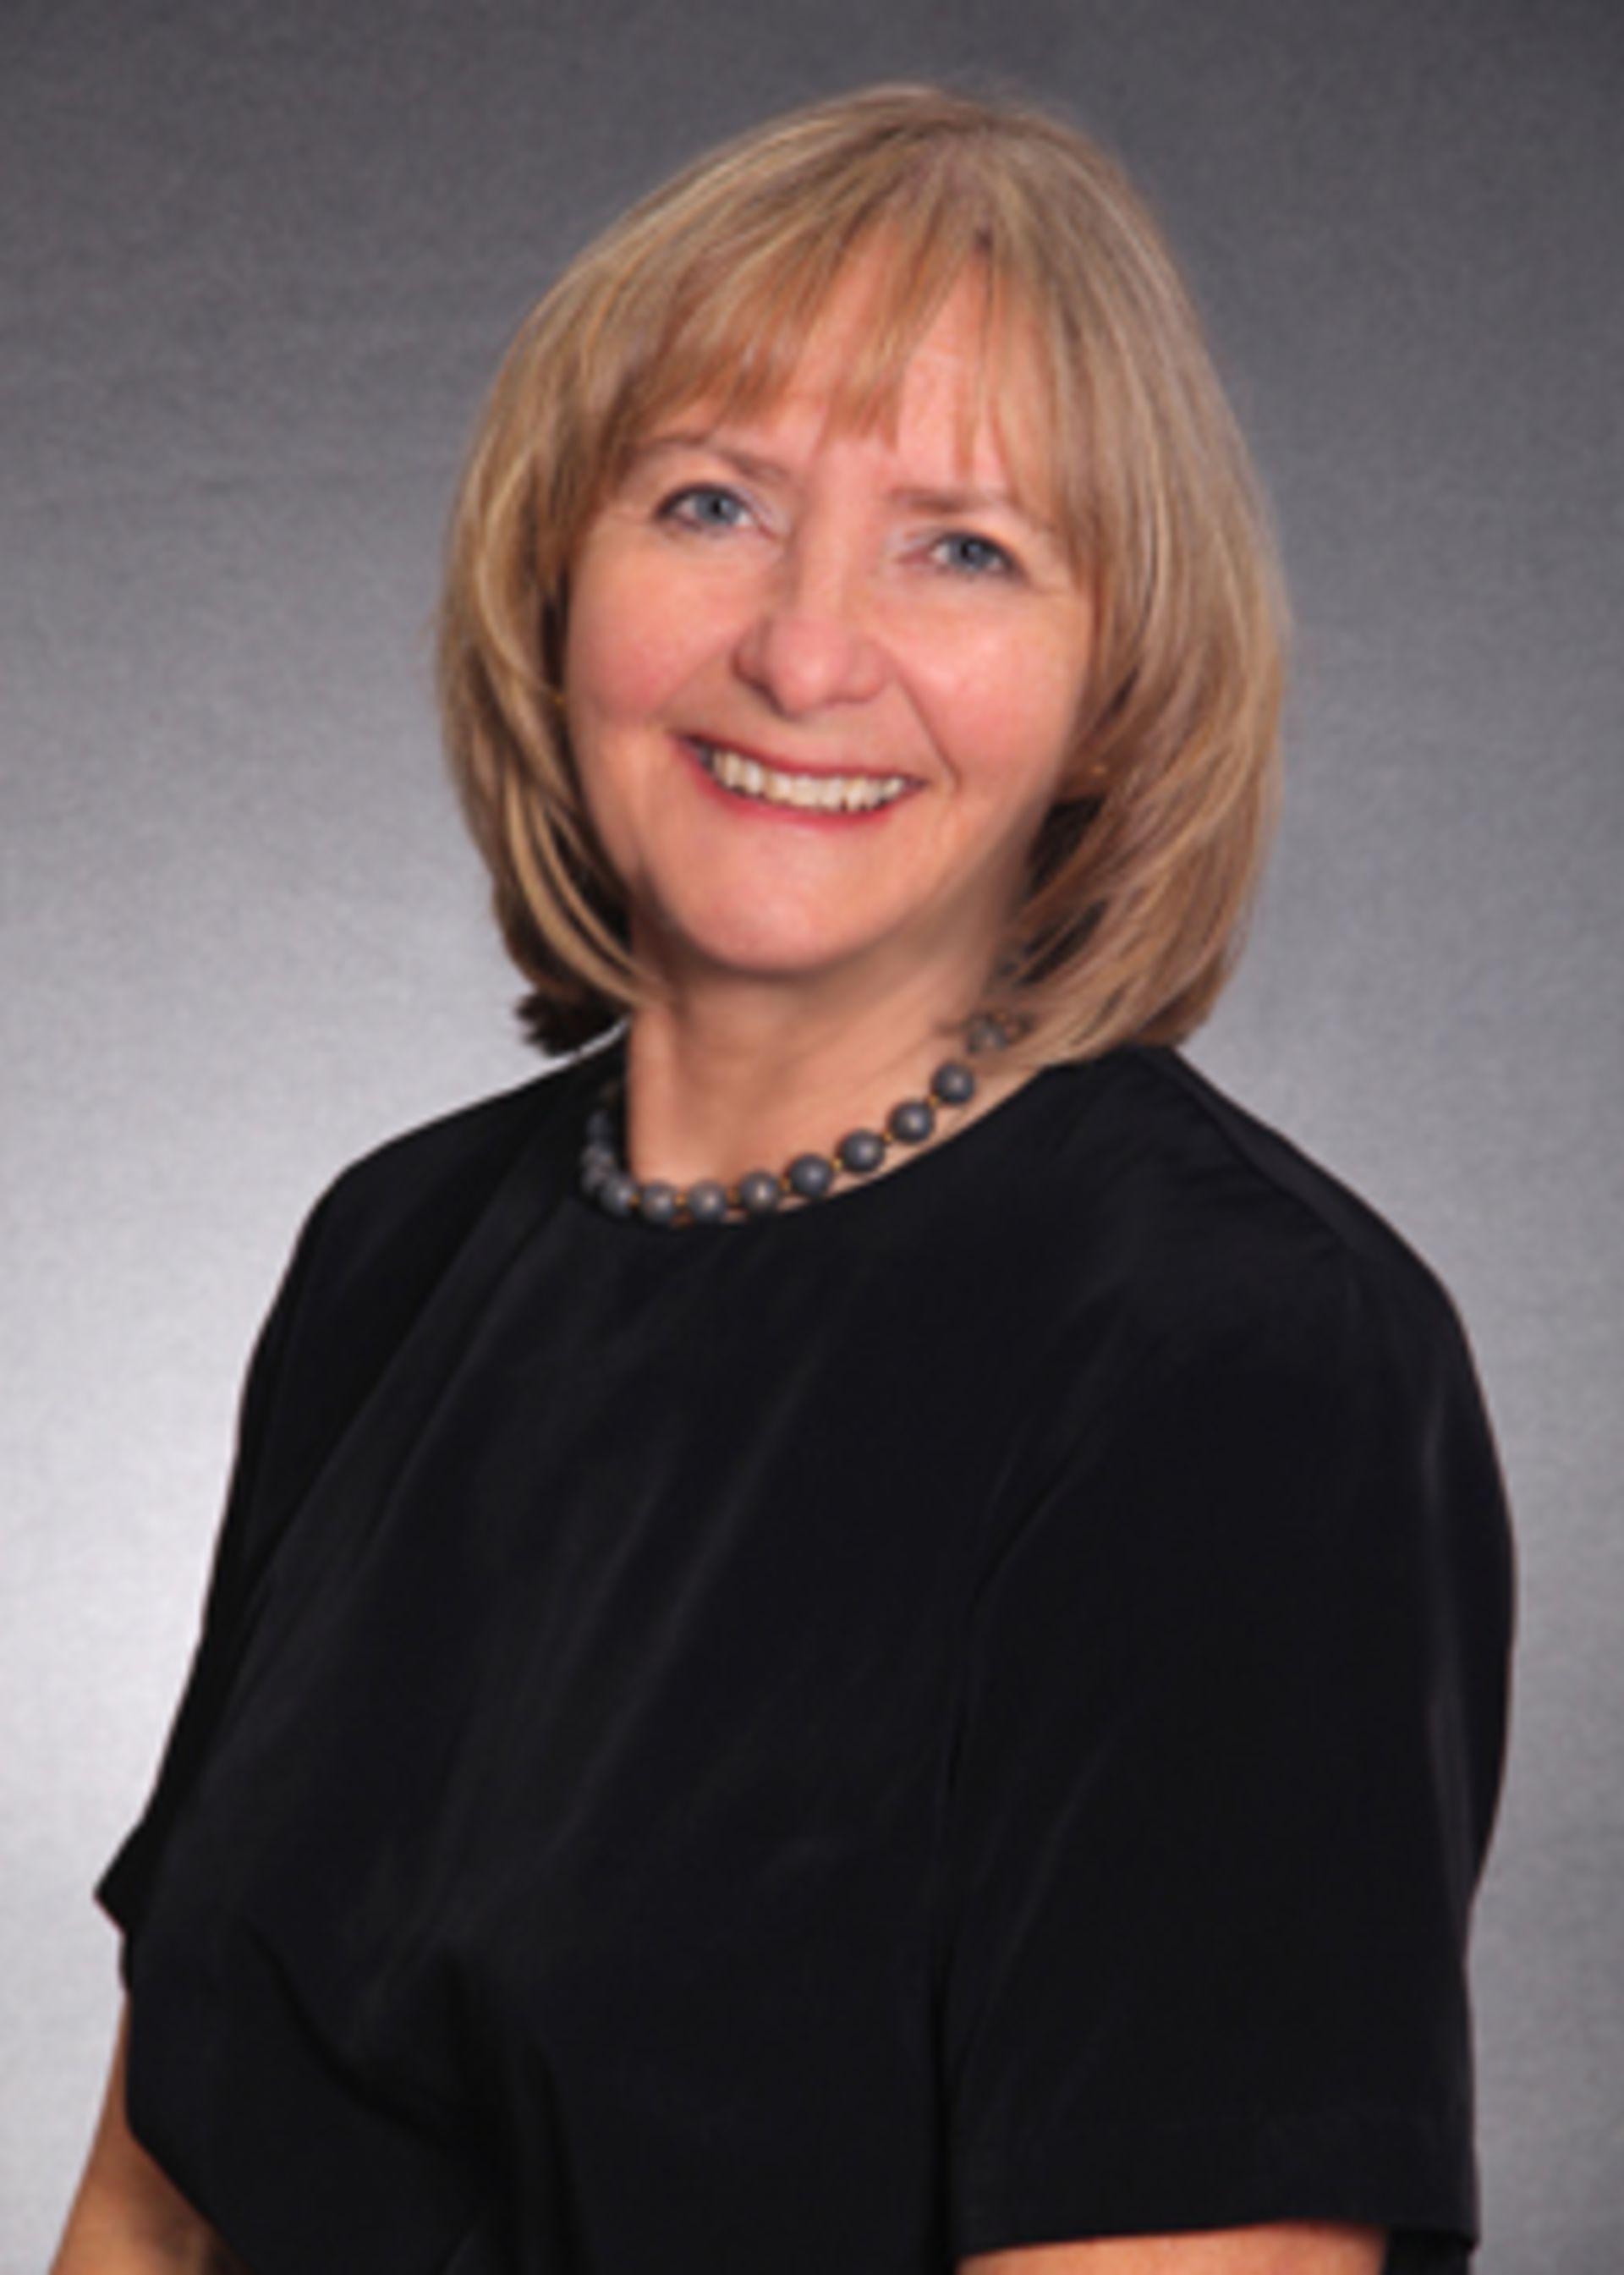 Brenda Solonoski